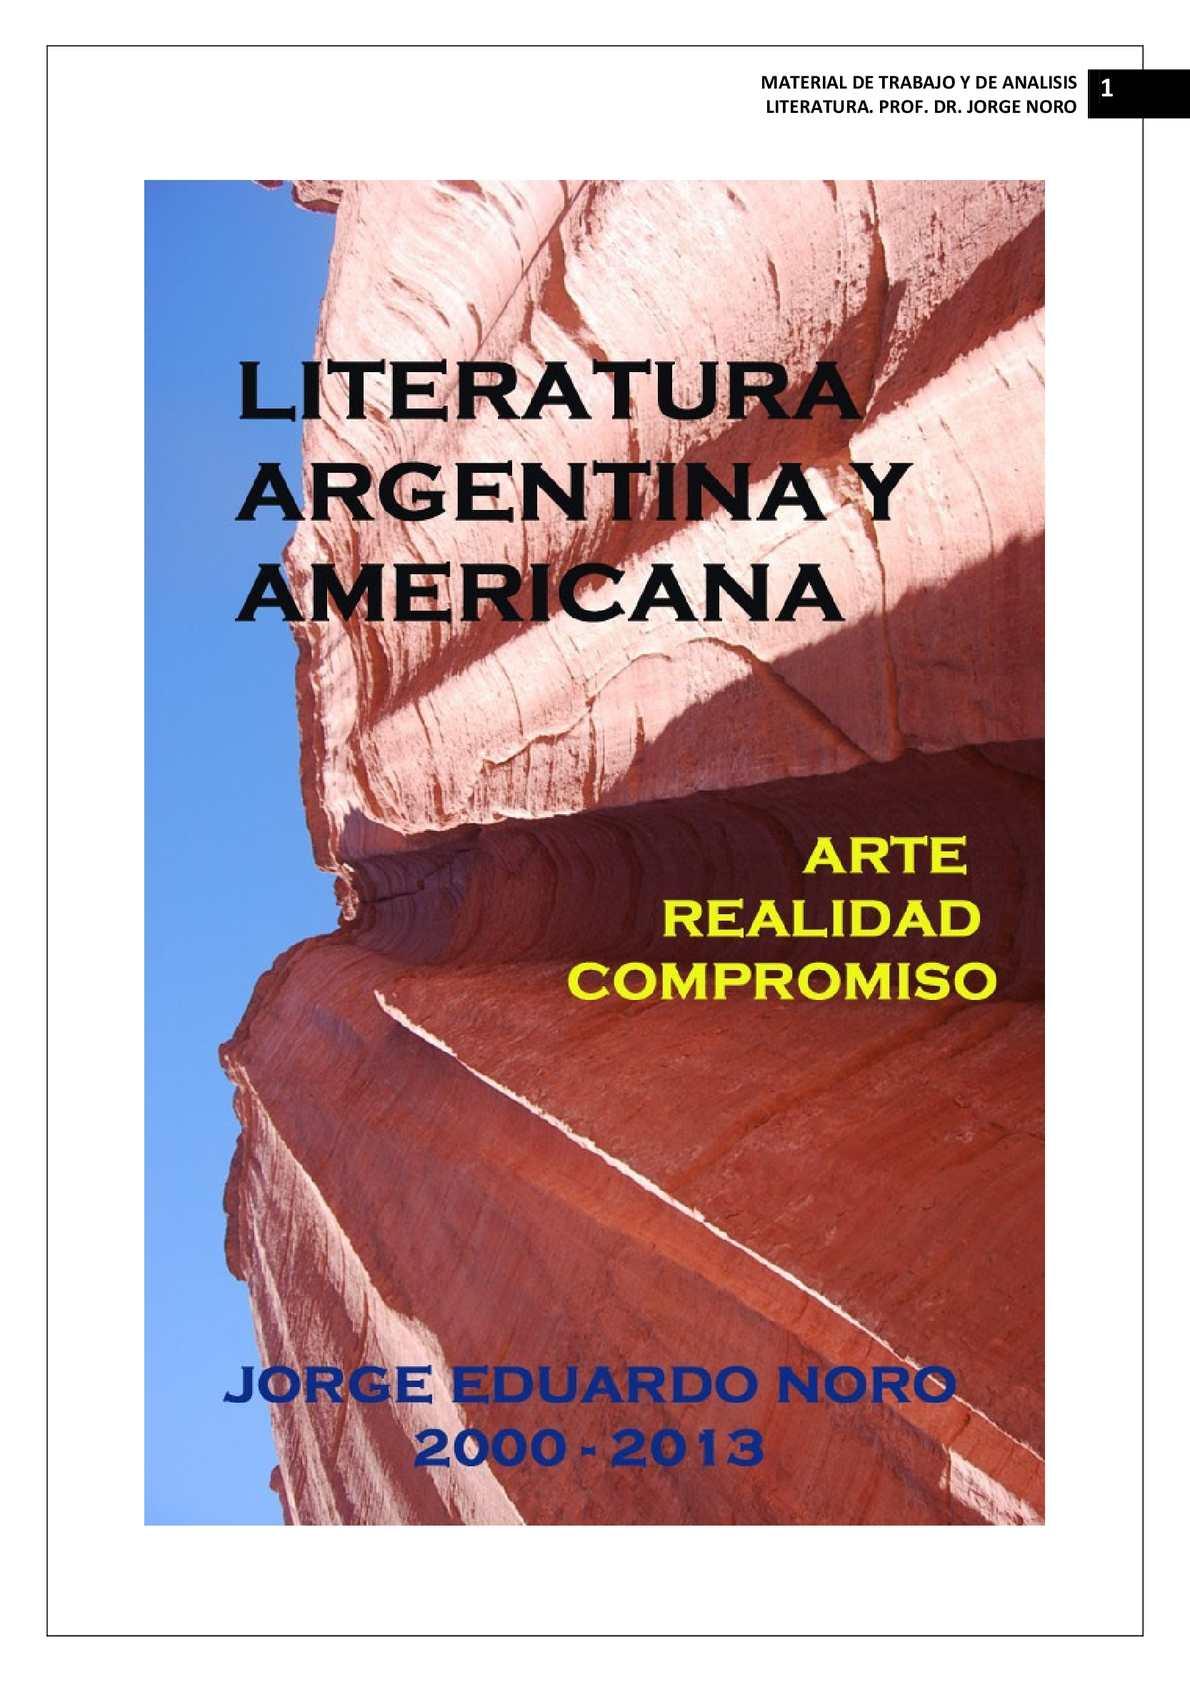 Calaméo - 172. LITERATURA ARGENTINA Y AMERICANA. ARTE 9001a5ffa1353